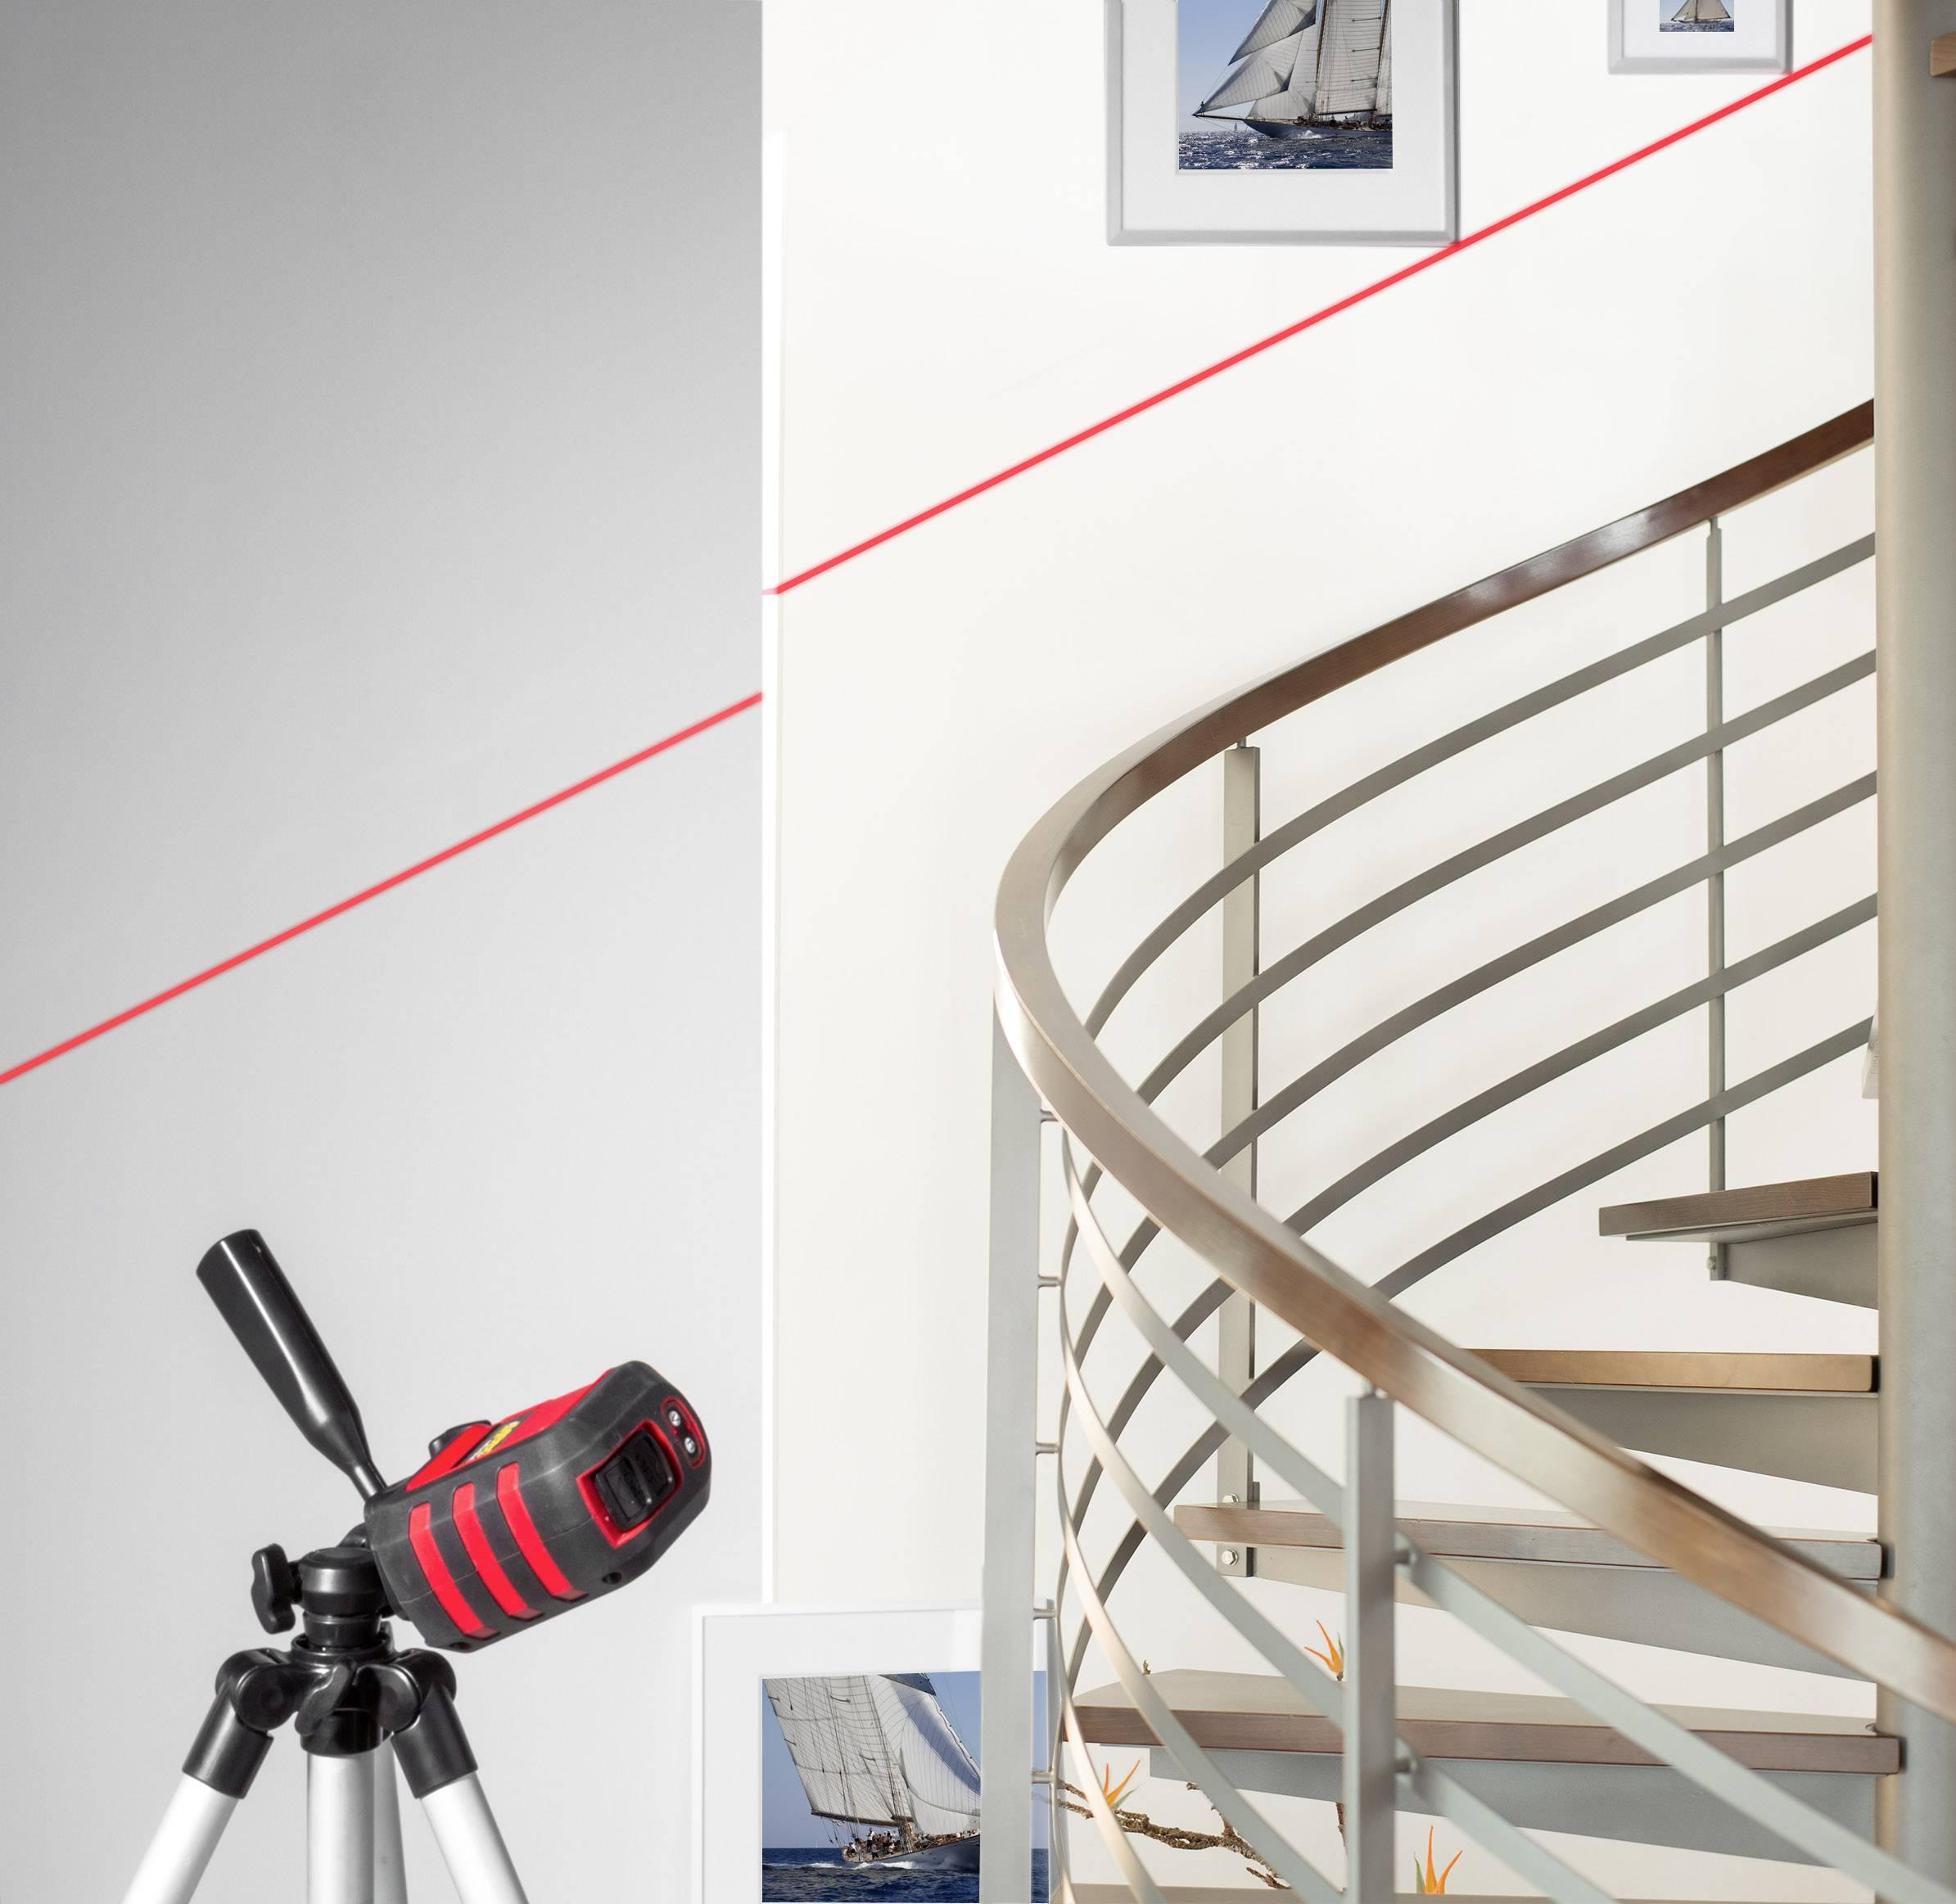 Křížový laser + stativ TOOLCRAFT CL8, 8 m